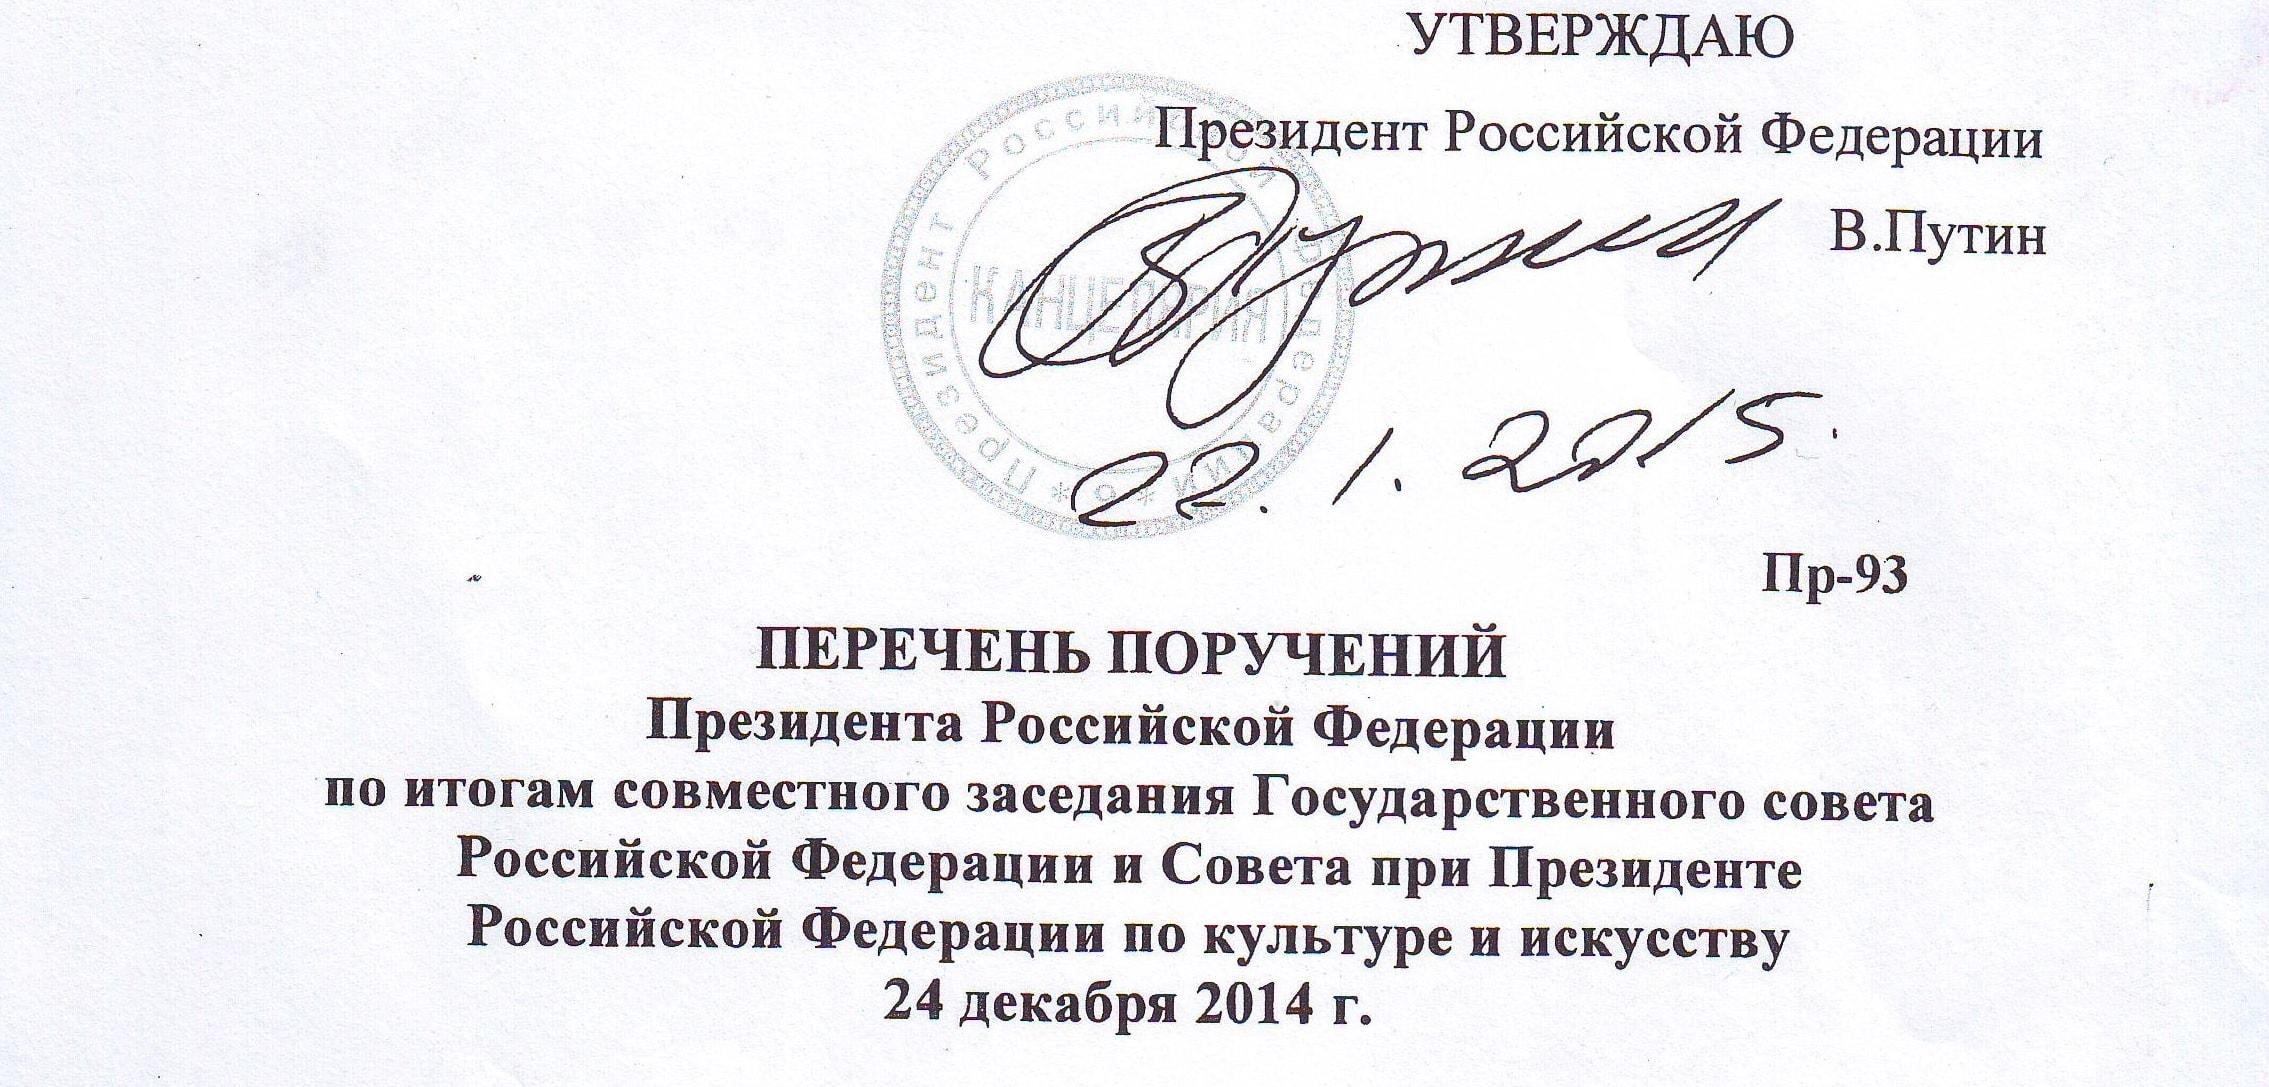 Перечень поручений Президента Российской Федерации по итогам совместного заседания Государственного совета Российской Федерации и Совета при Президенте Российской Федерации по культуре и искусству